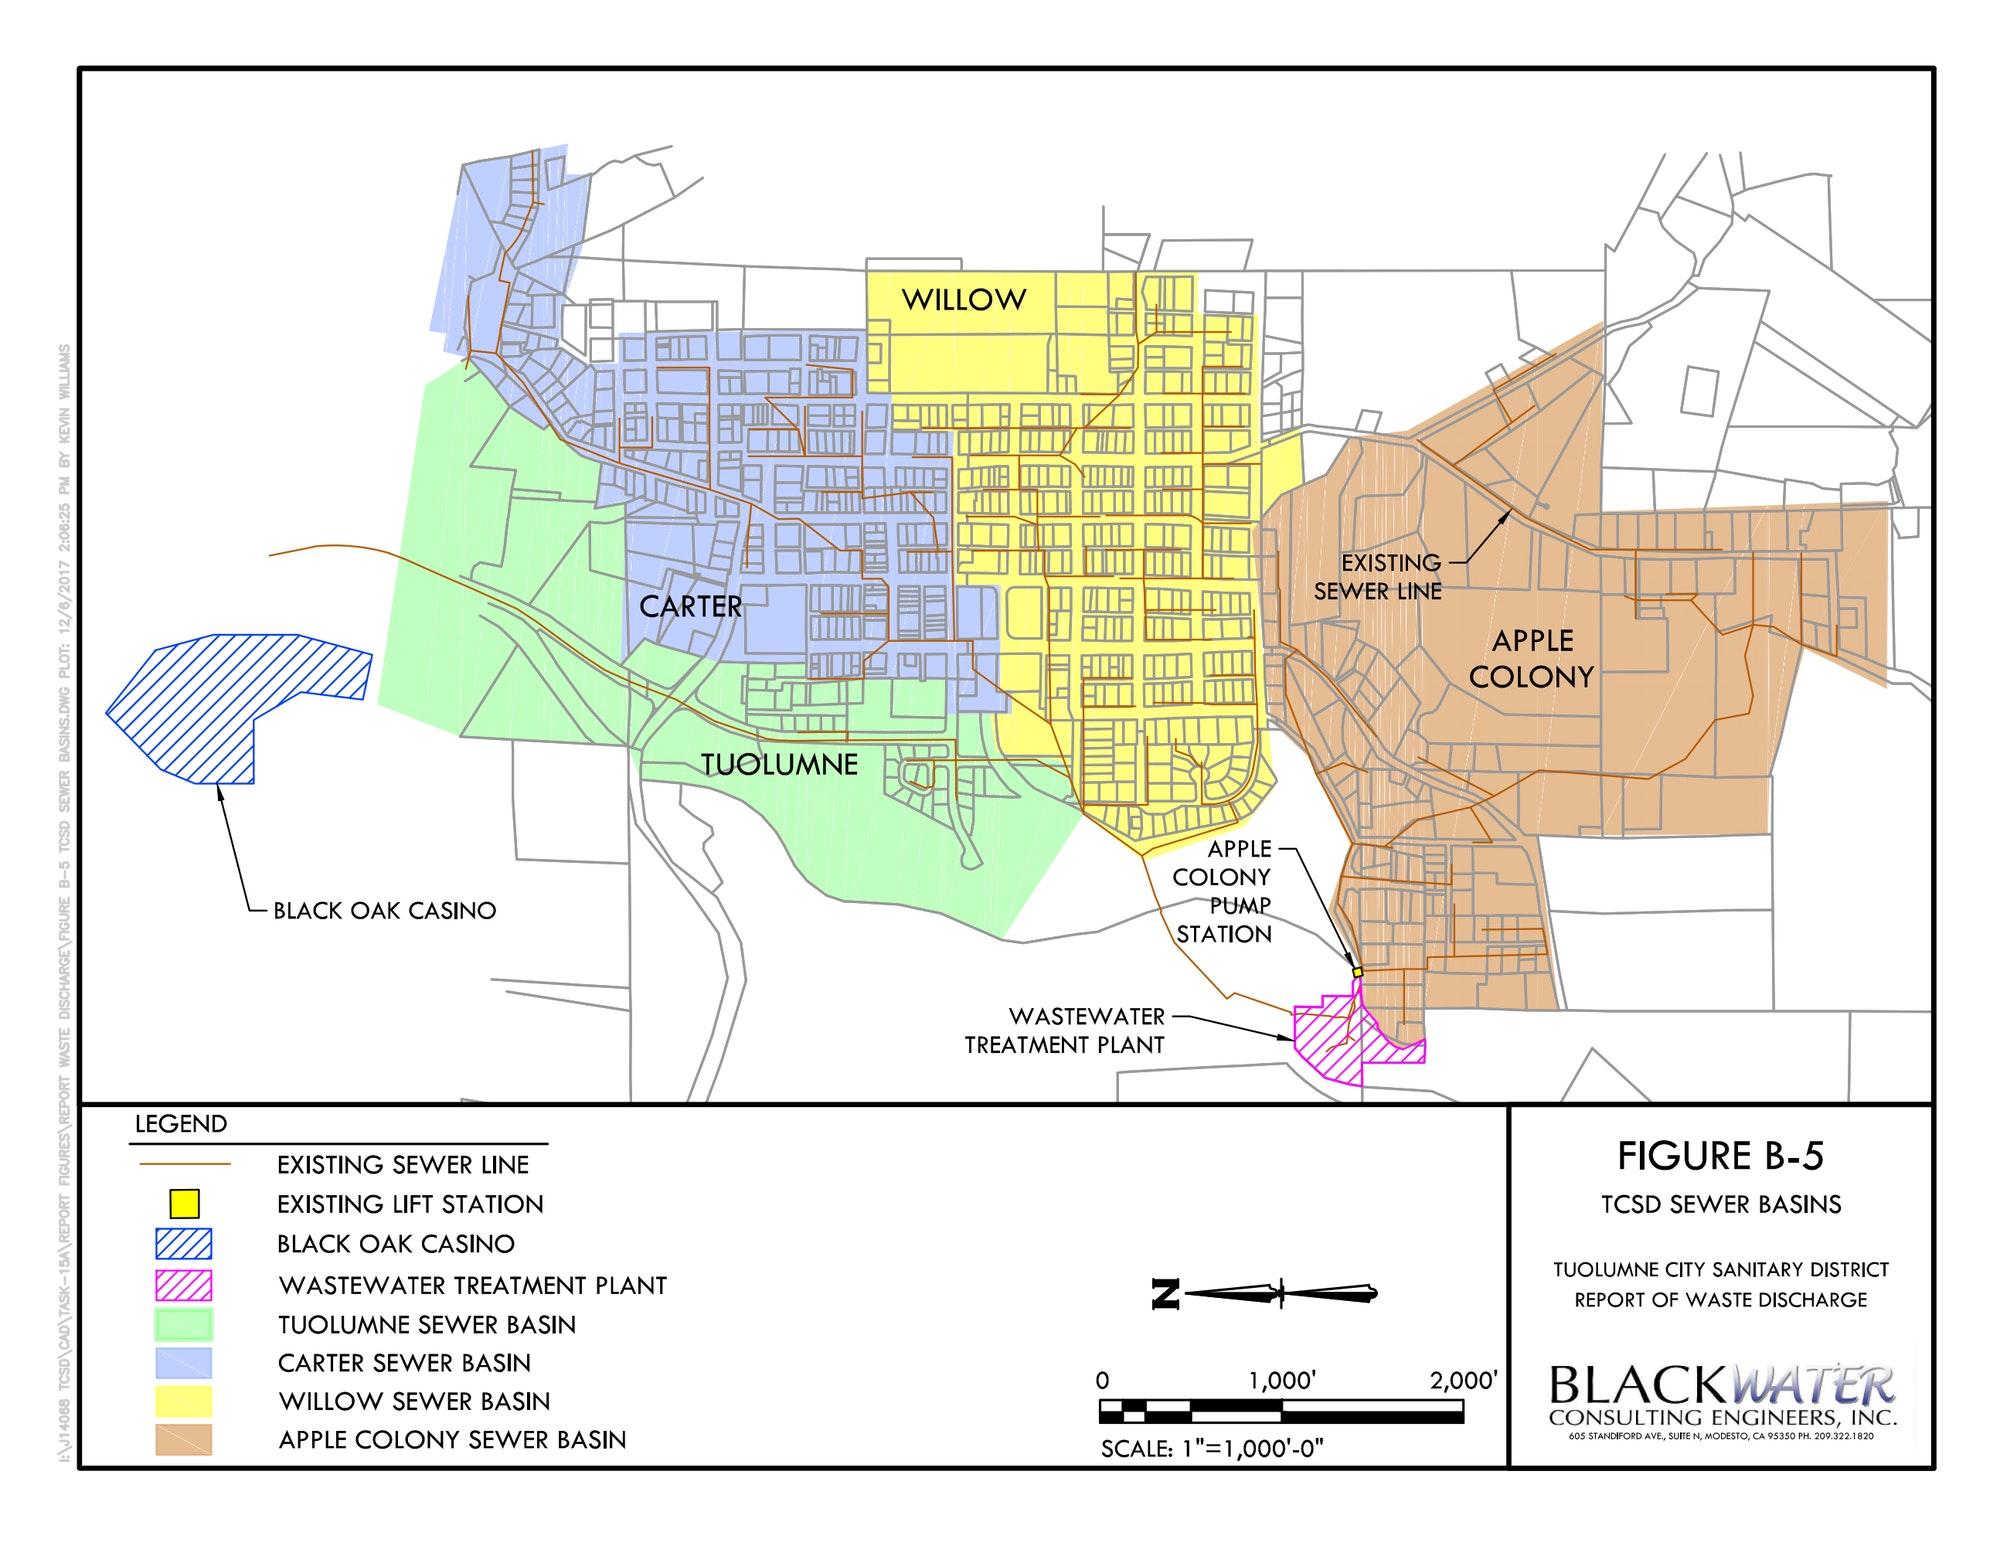 TCSD Service Area Map